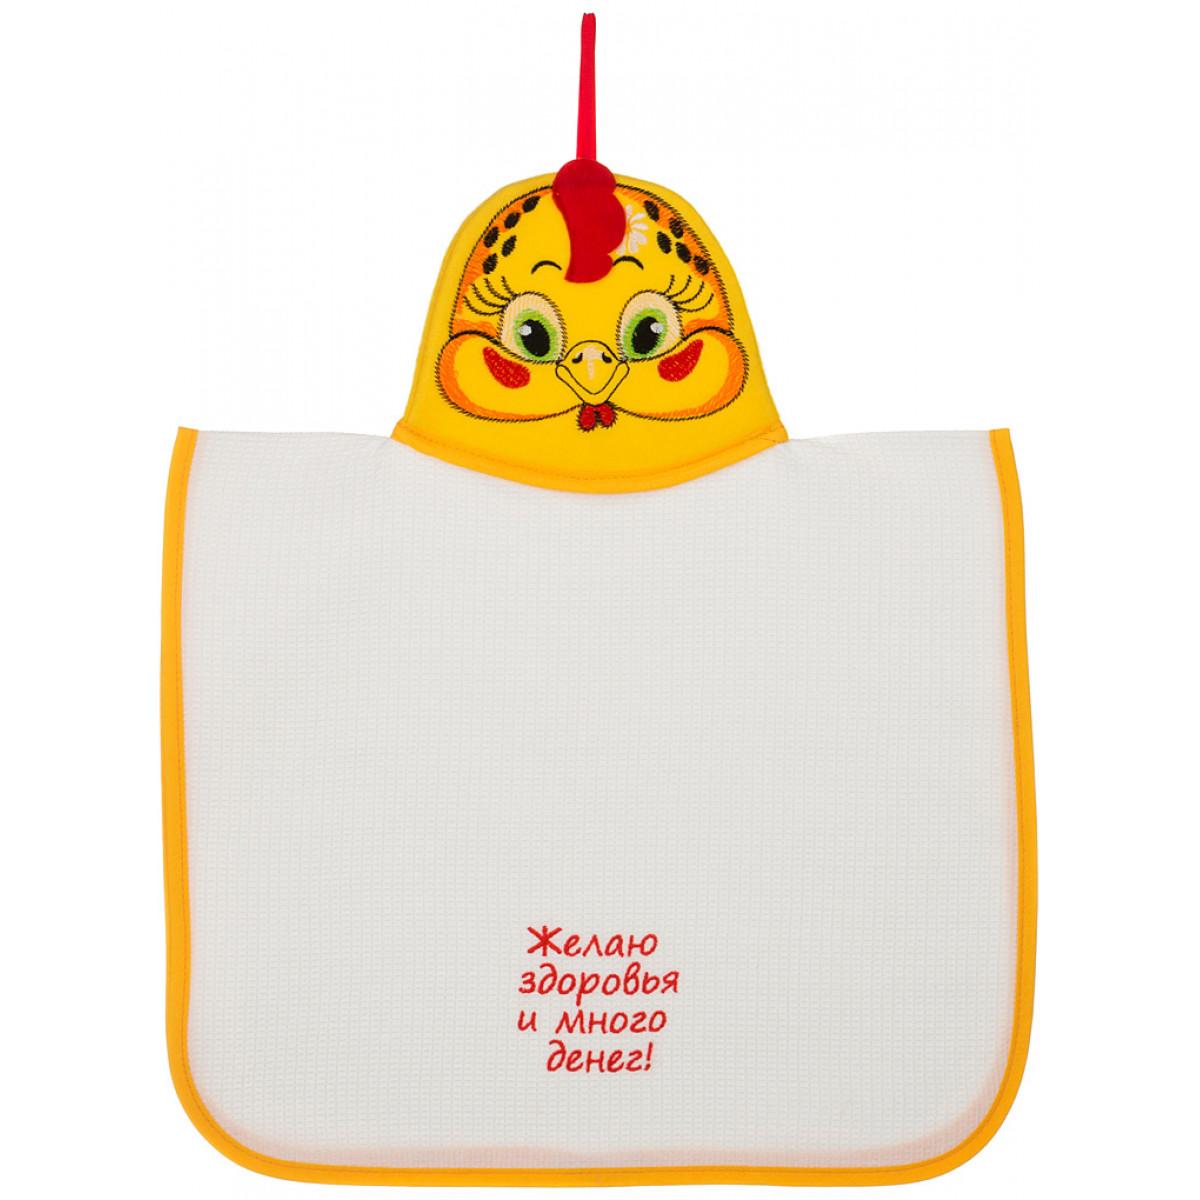 Купить Полотенца Santalino, Кухонное полотенце Fiona (40х70 см), Россия, Белый, Желтый, Вафля